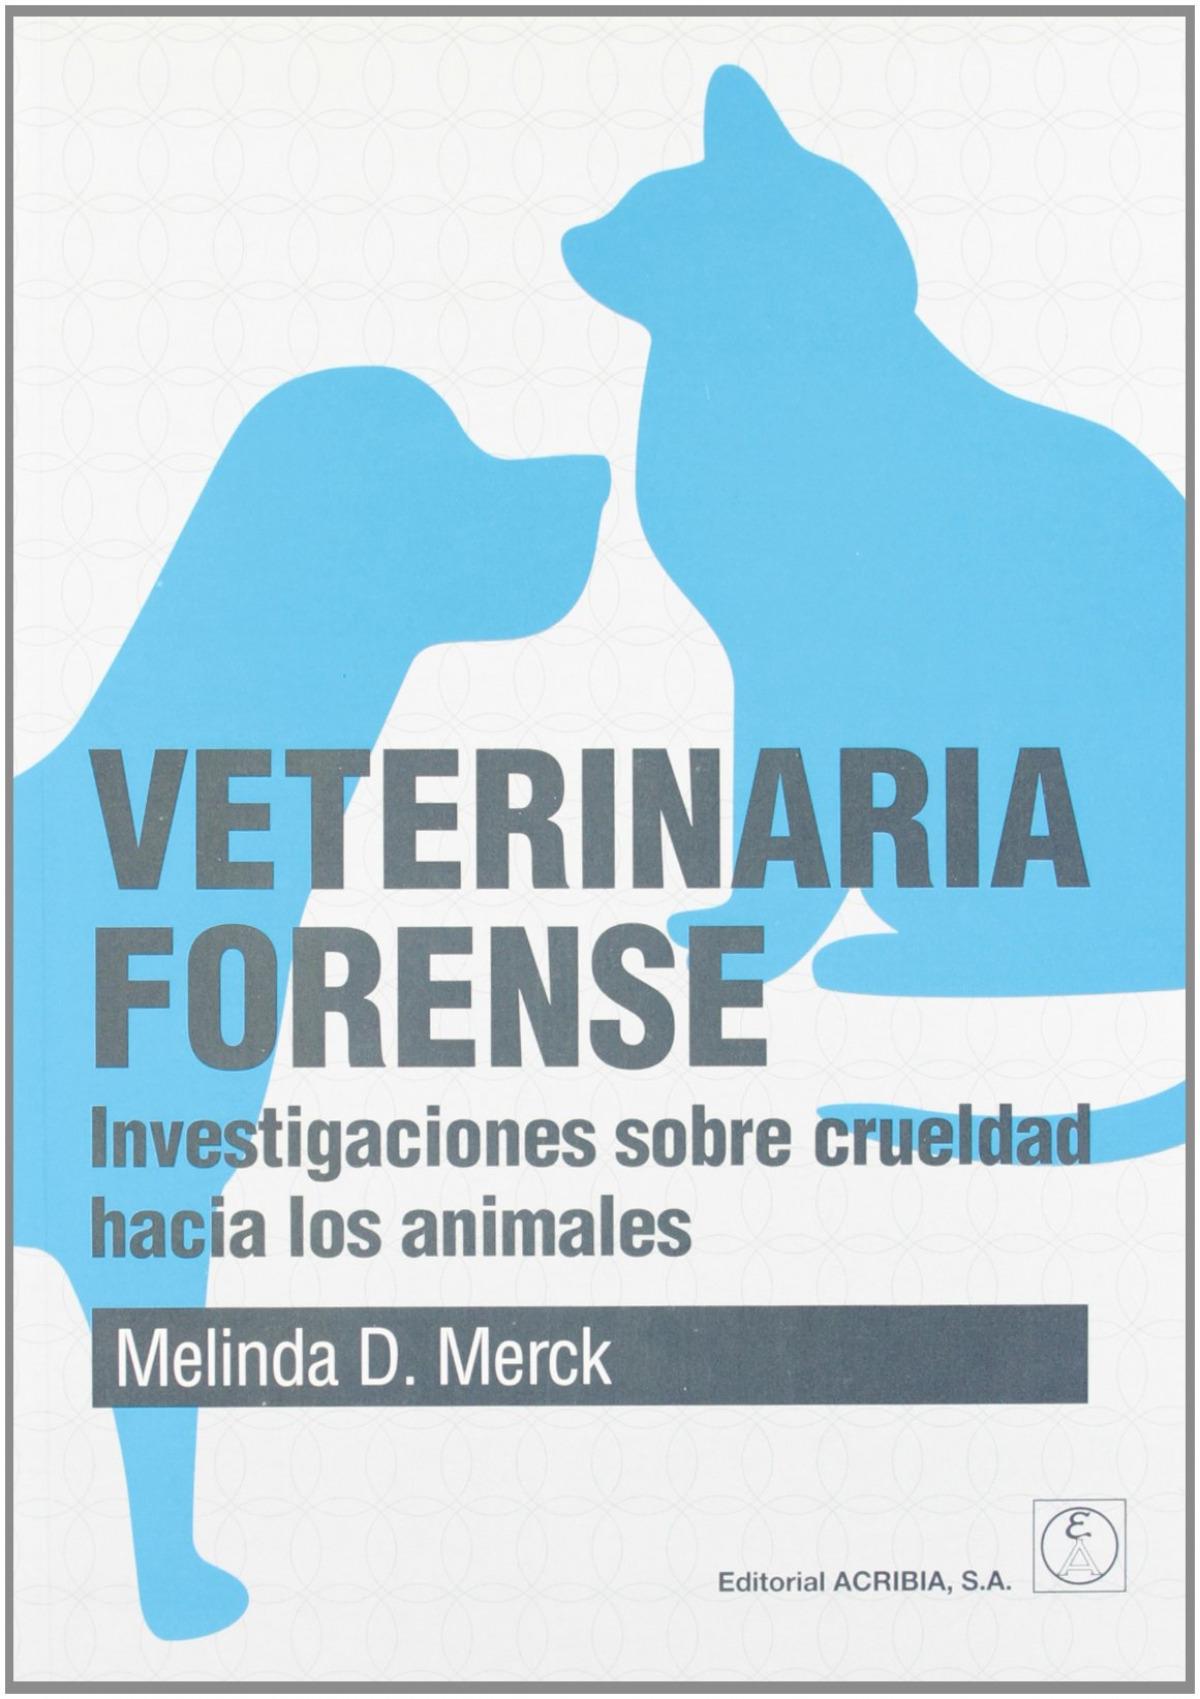 VETERINARIA FORENSE. INVESTIGACIONES SOBRE CRUELDAD HACIA LOS ANIMALES